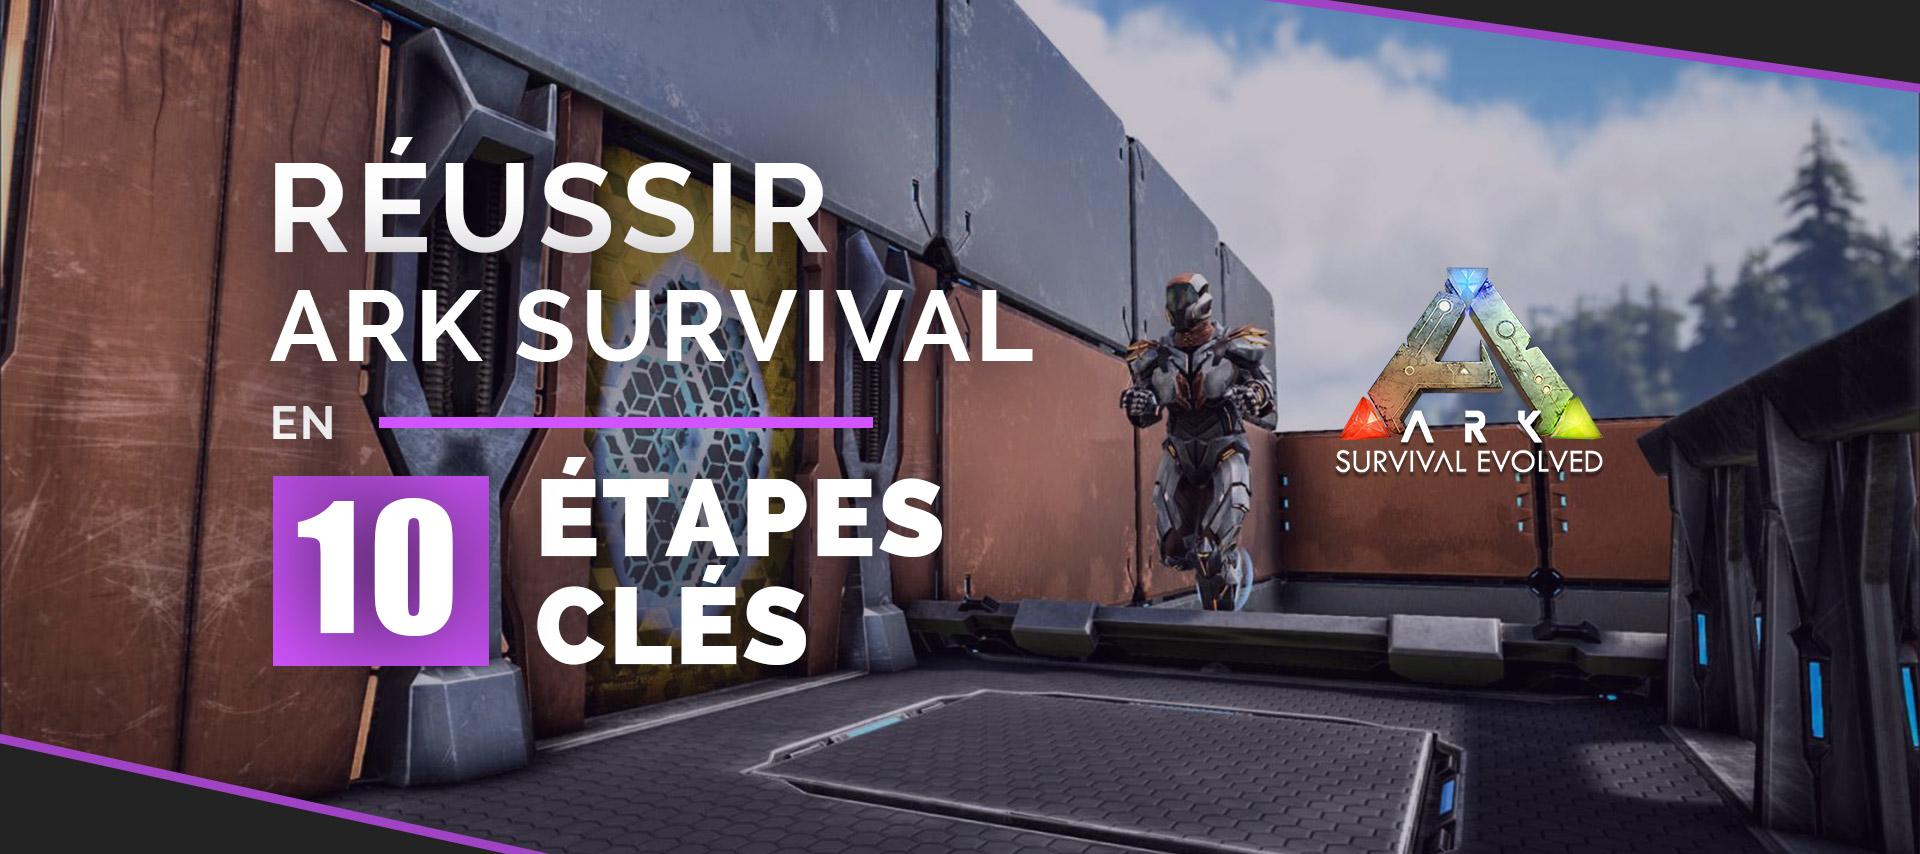 reussir-ark-survival-10-etape-cles